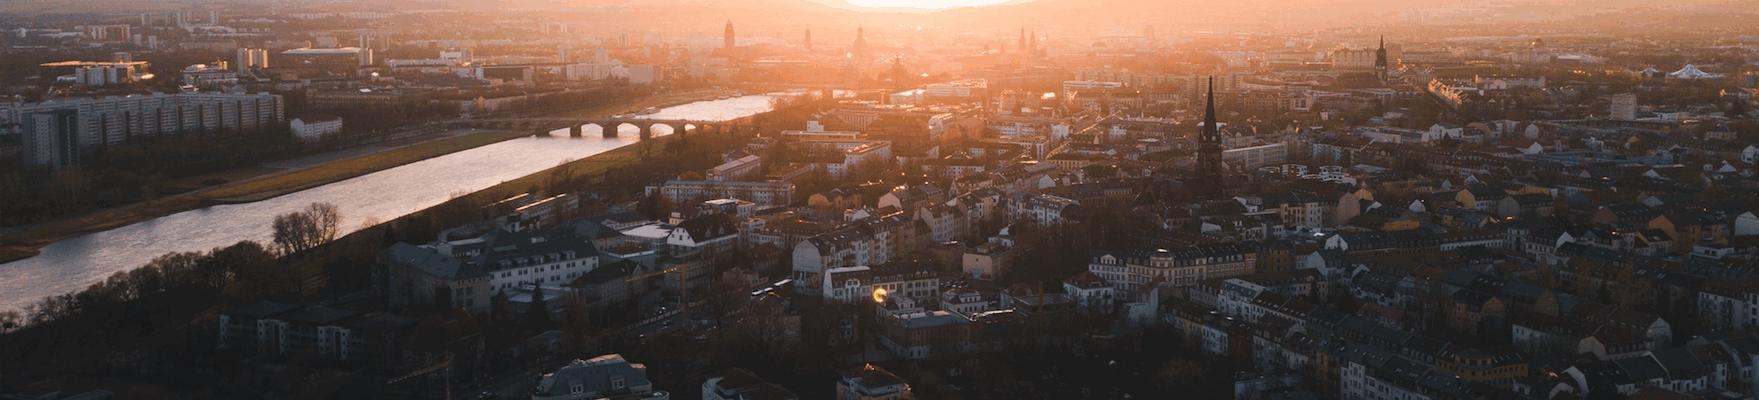 Lustige Stadtrundfahrt in sächischer Mundart Dresden  16.11.